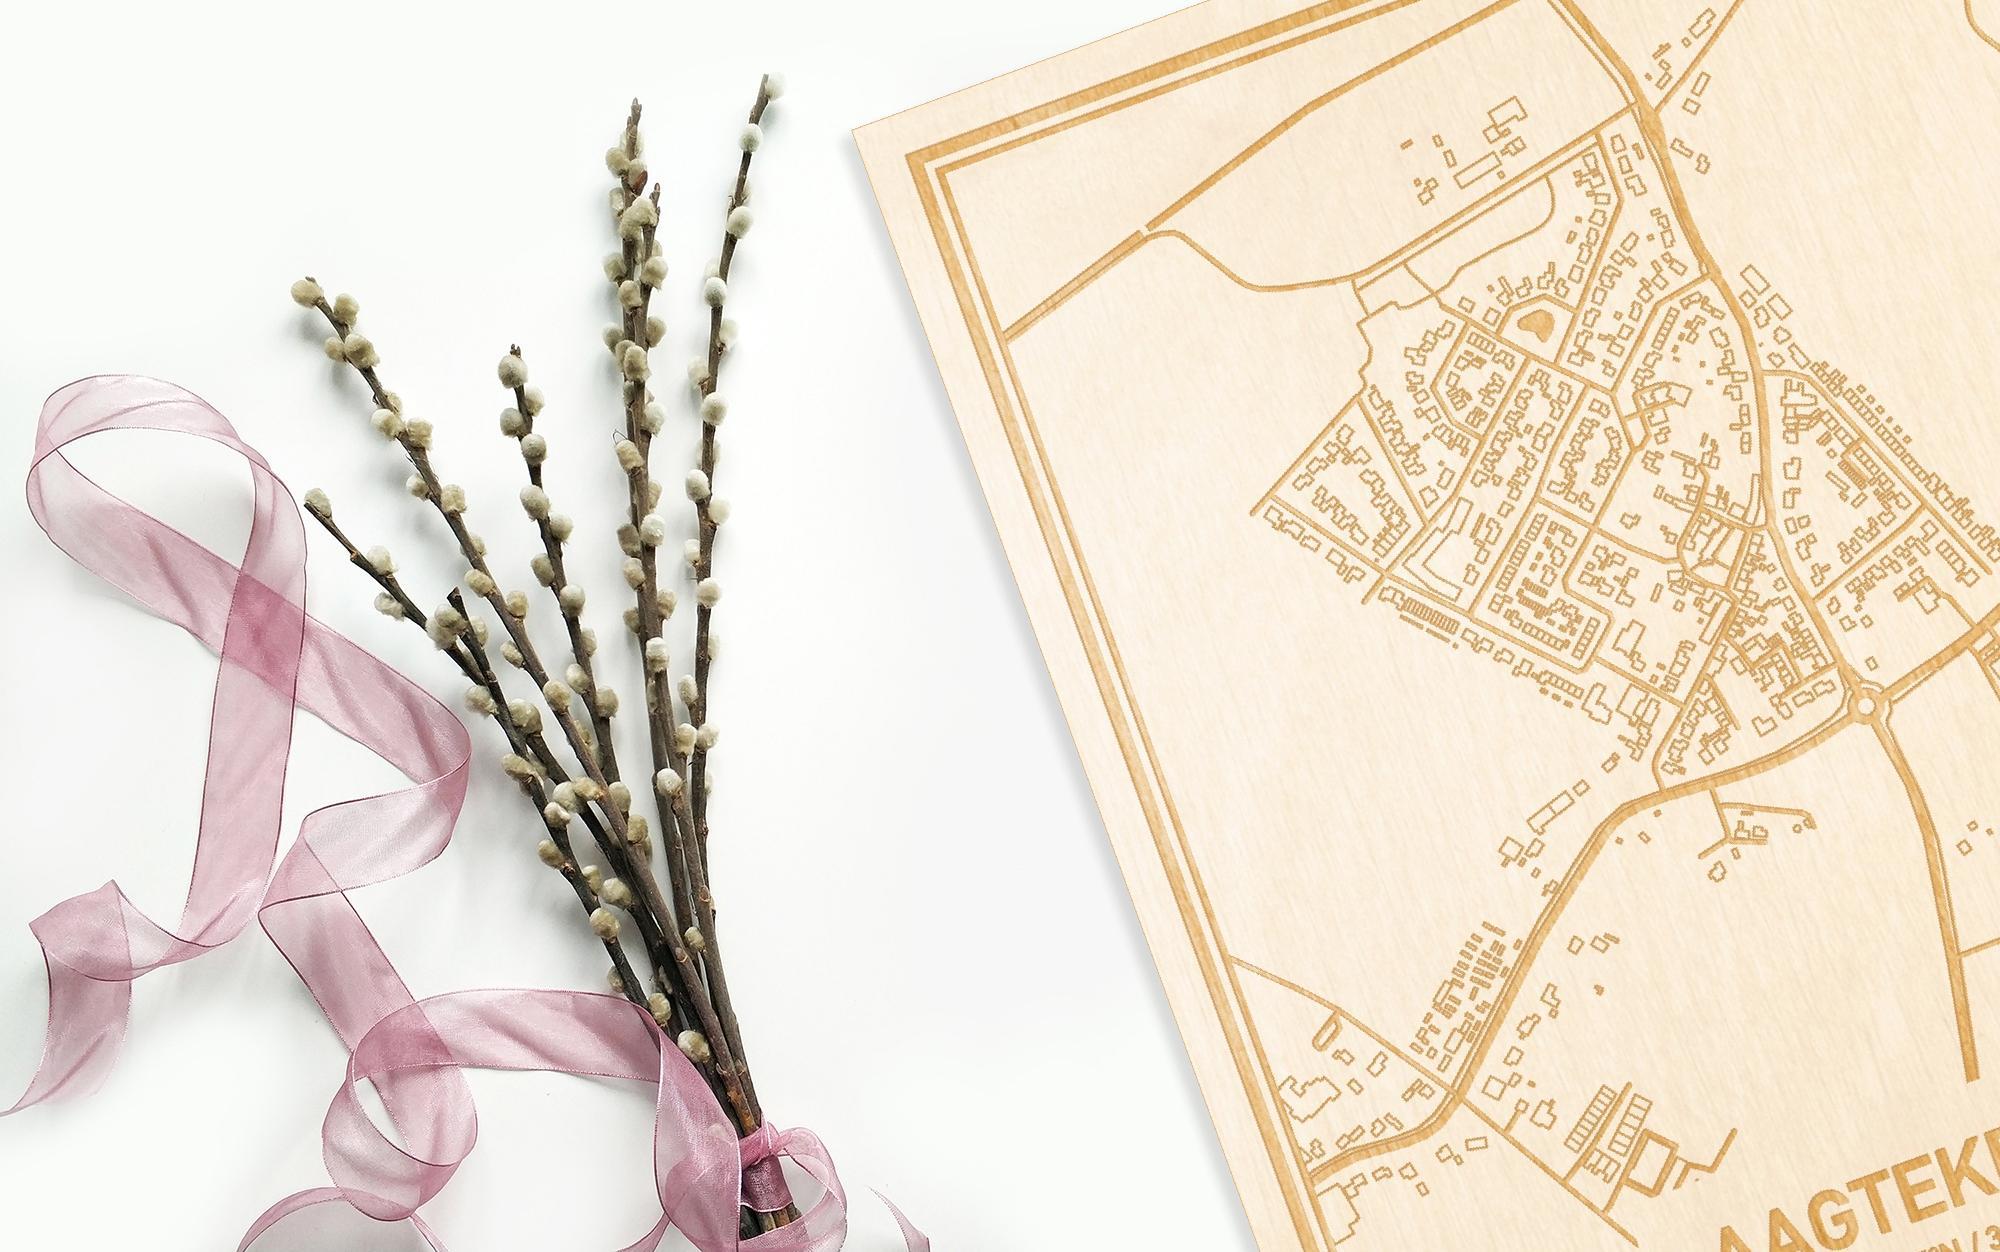 Hier ligt de houten plattegrond Aagtekerke naast een bloemetje als gepersonaliseerd cadeau voor haar.